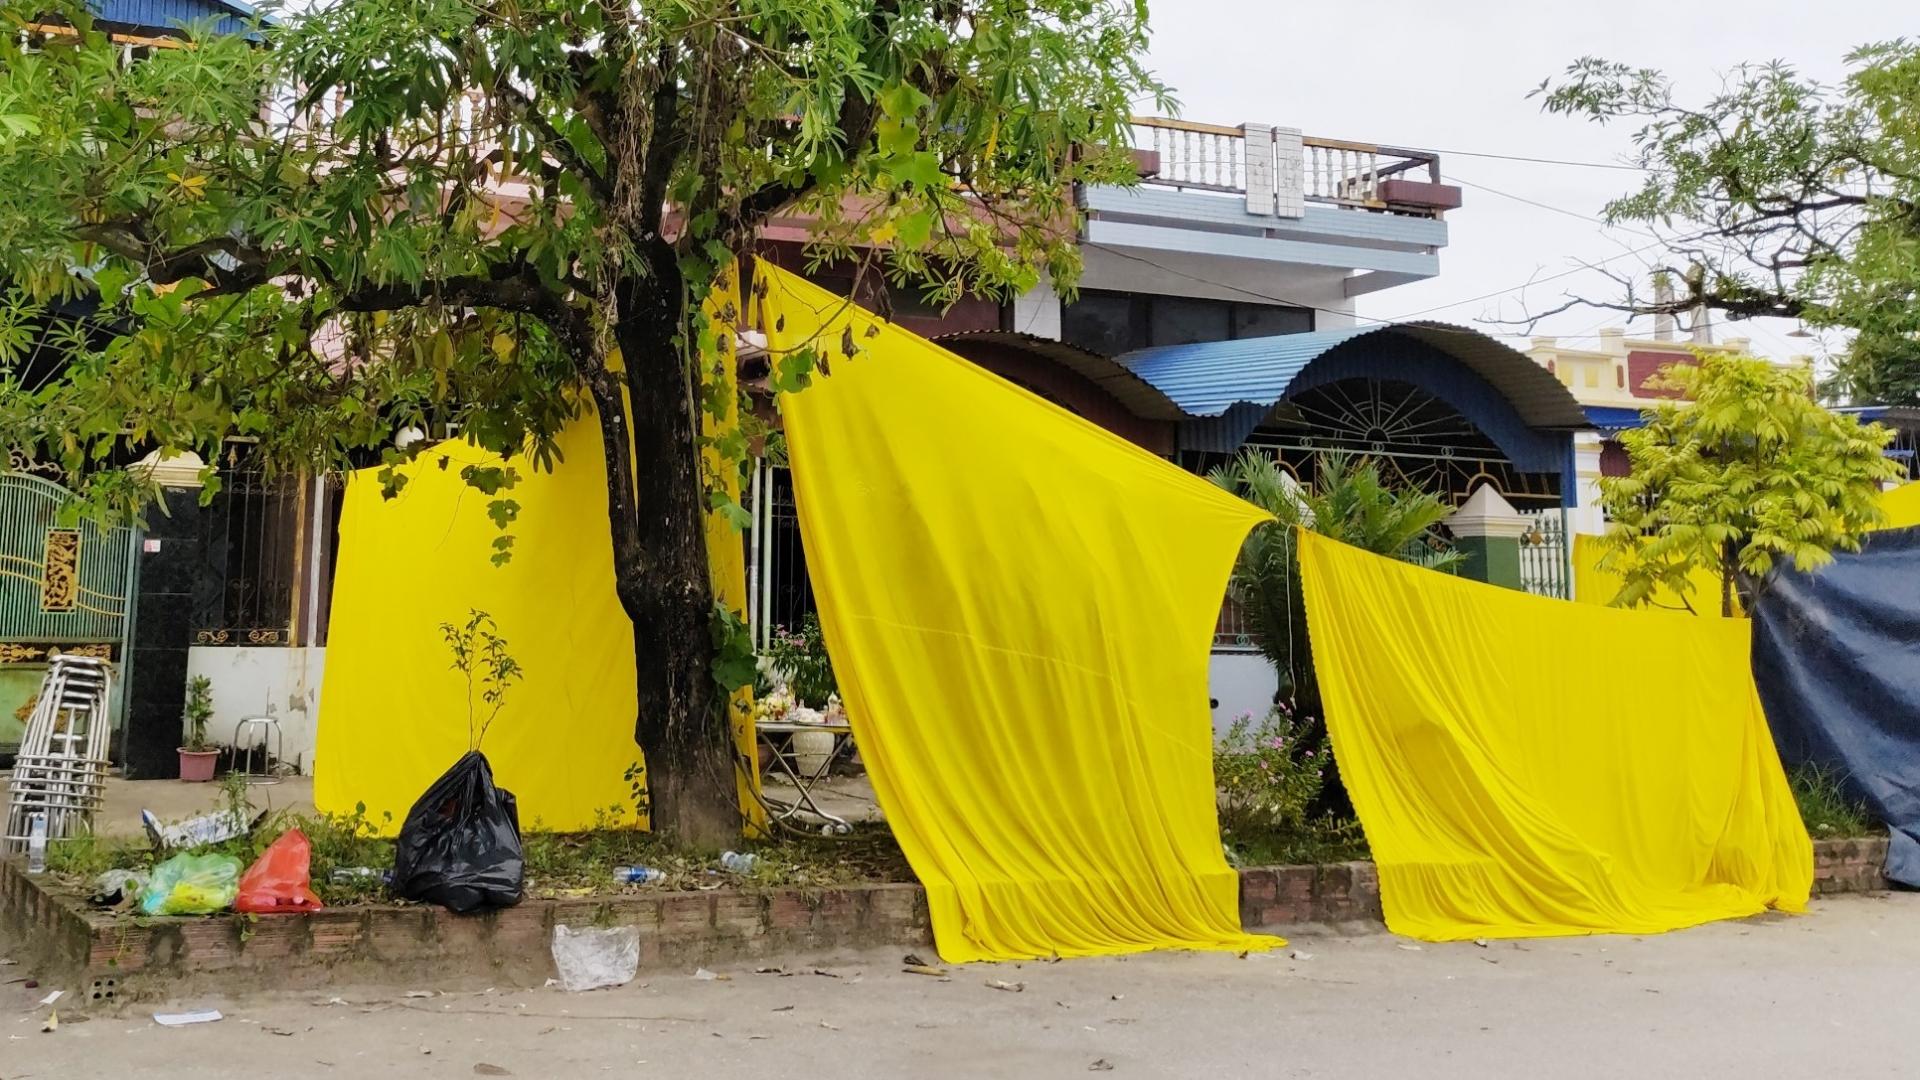 4 người trong gia đình qua đời sau vụ nổ bình gas tại Hải Phòng: Tạm giữ hình sự người cha 4